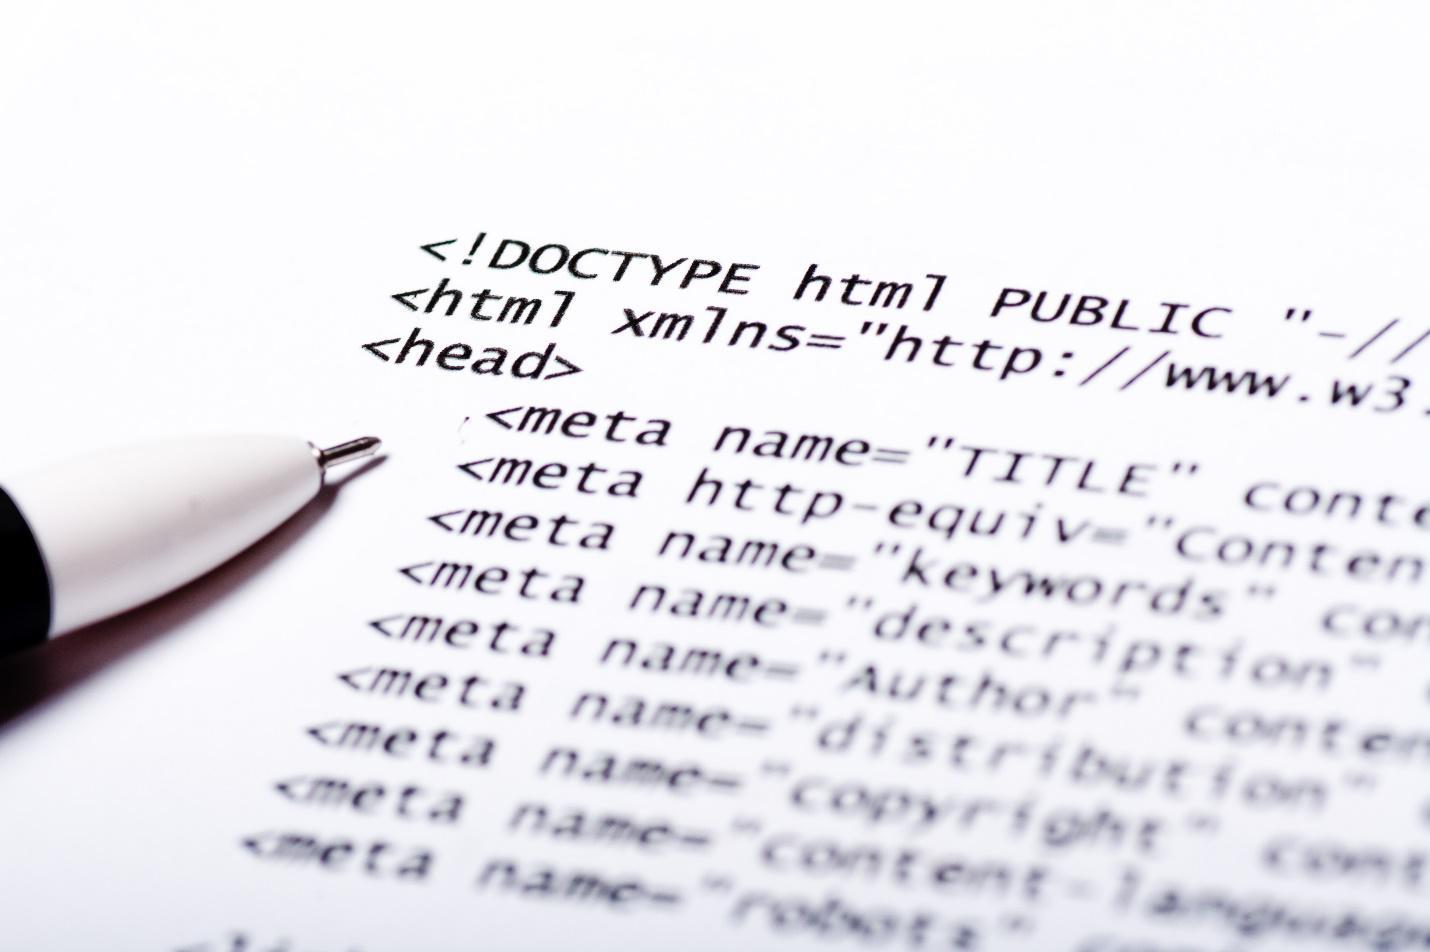 Метатеги – важная деталь при оптимизации сайта